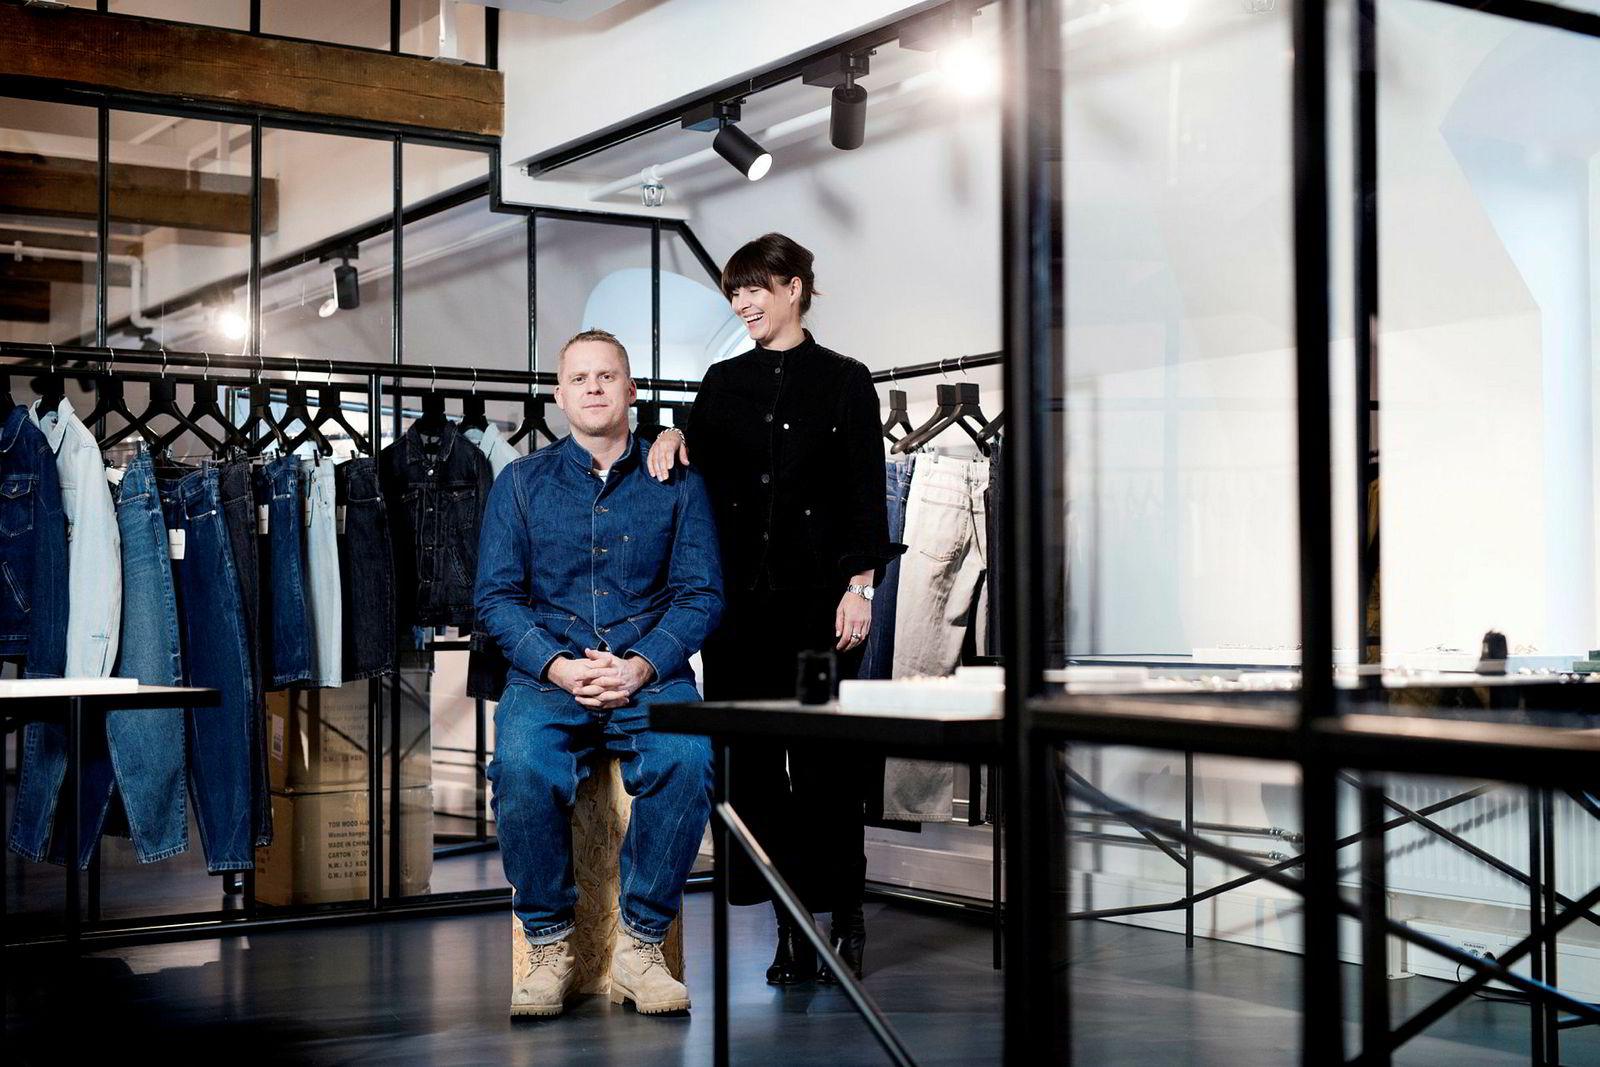 På fire år har paret Morten Isachsen og Mona Jensen bygget opp merkevaren Tom Wood og fått innpass hos noen av verdens mest kresne design- og konseptbutikker.